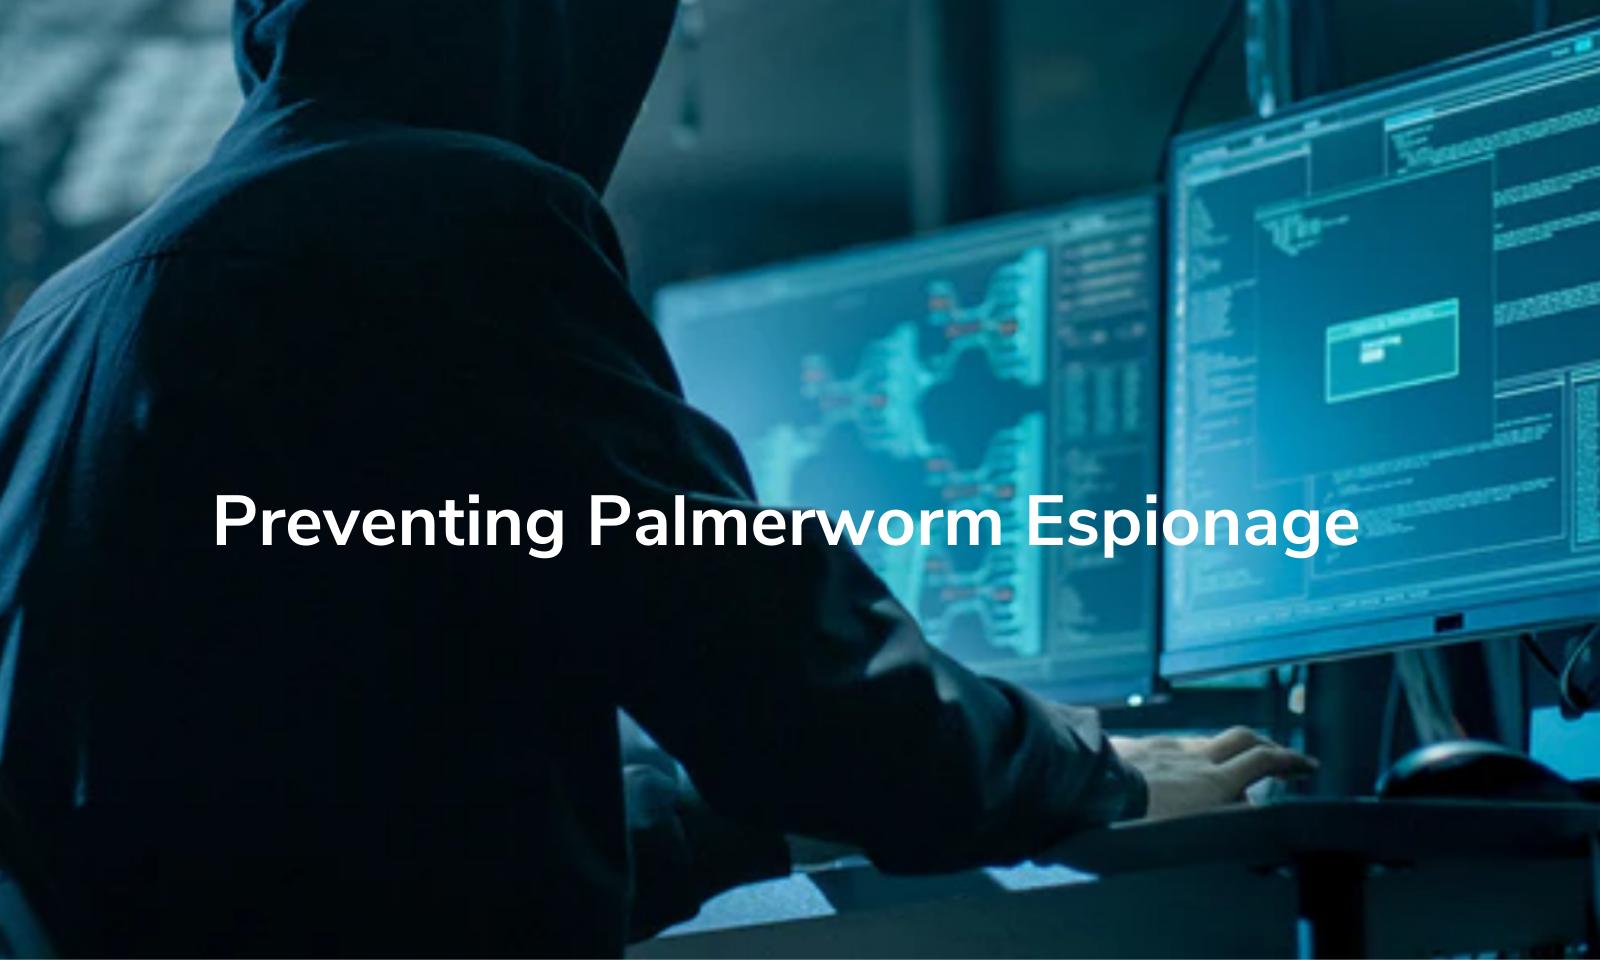 Preventing Palmerworm Espionage